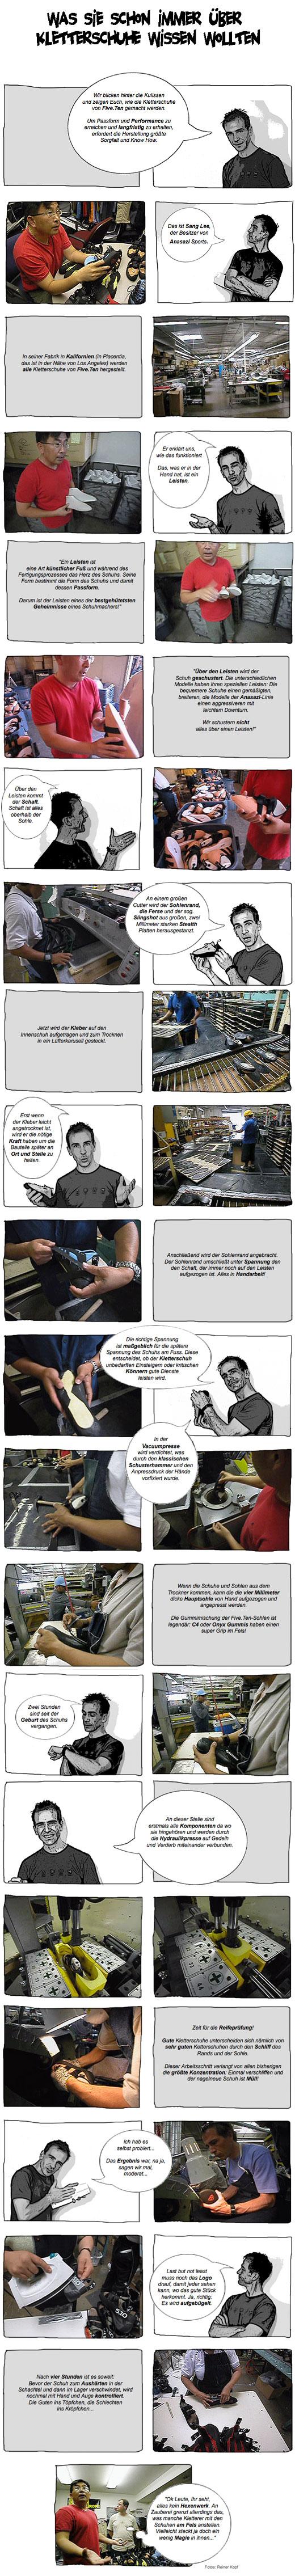 comic_ft_produktion_520px_2